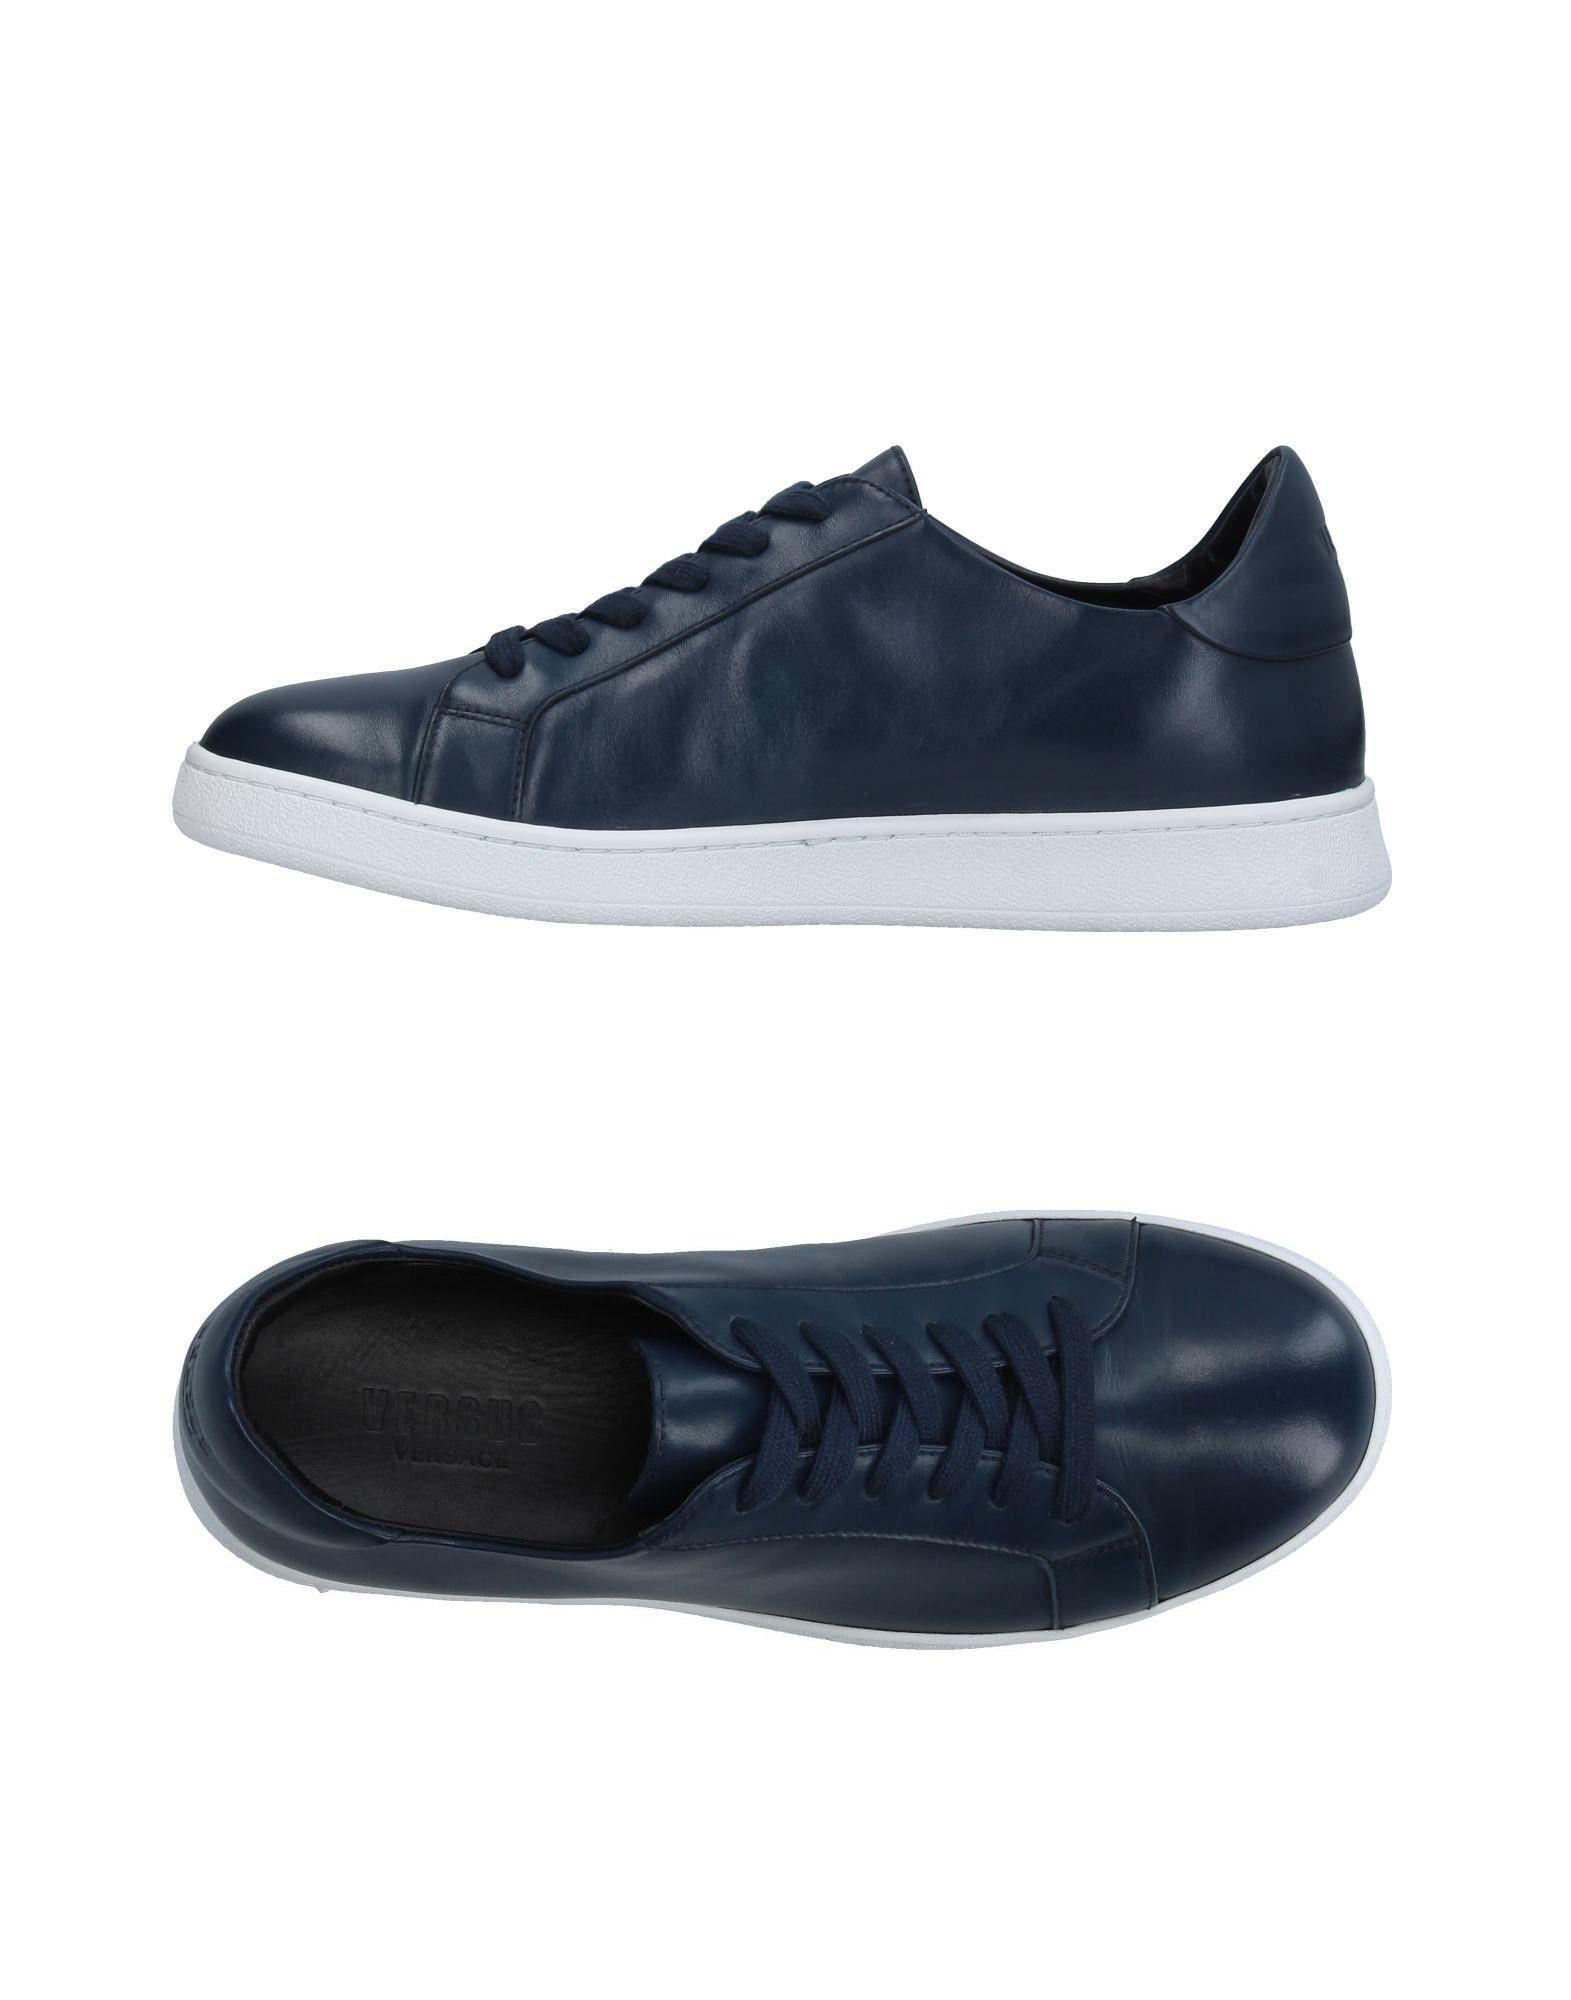 Rabatt echte Schuhe Versus Versace Sneakers  Herren  Sneakers 11328619QR 123b42